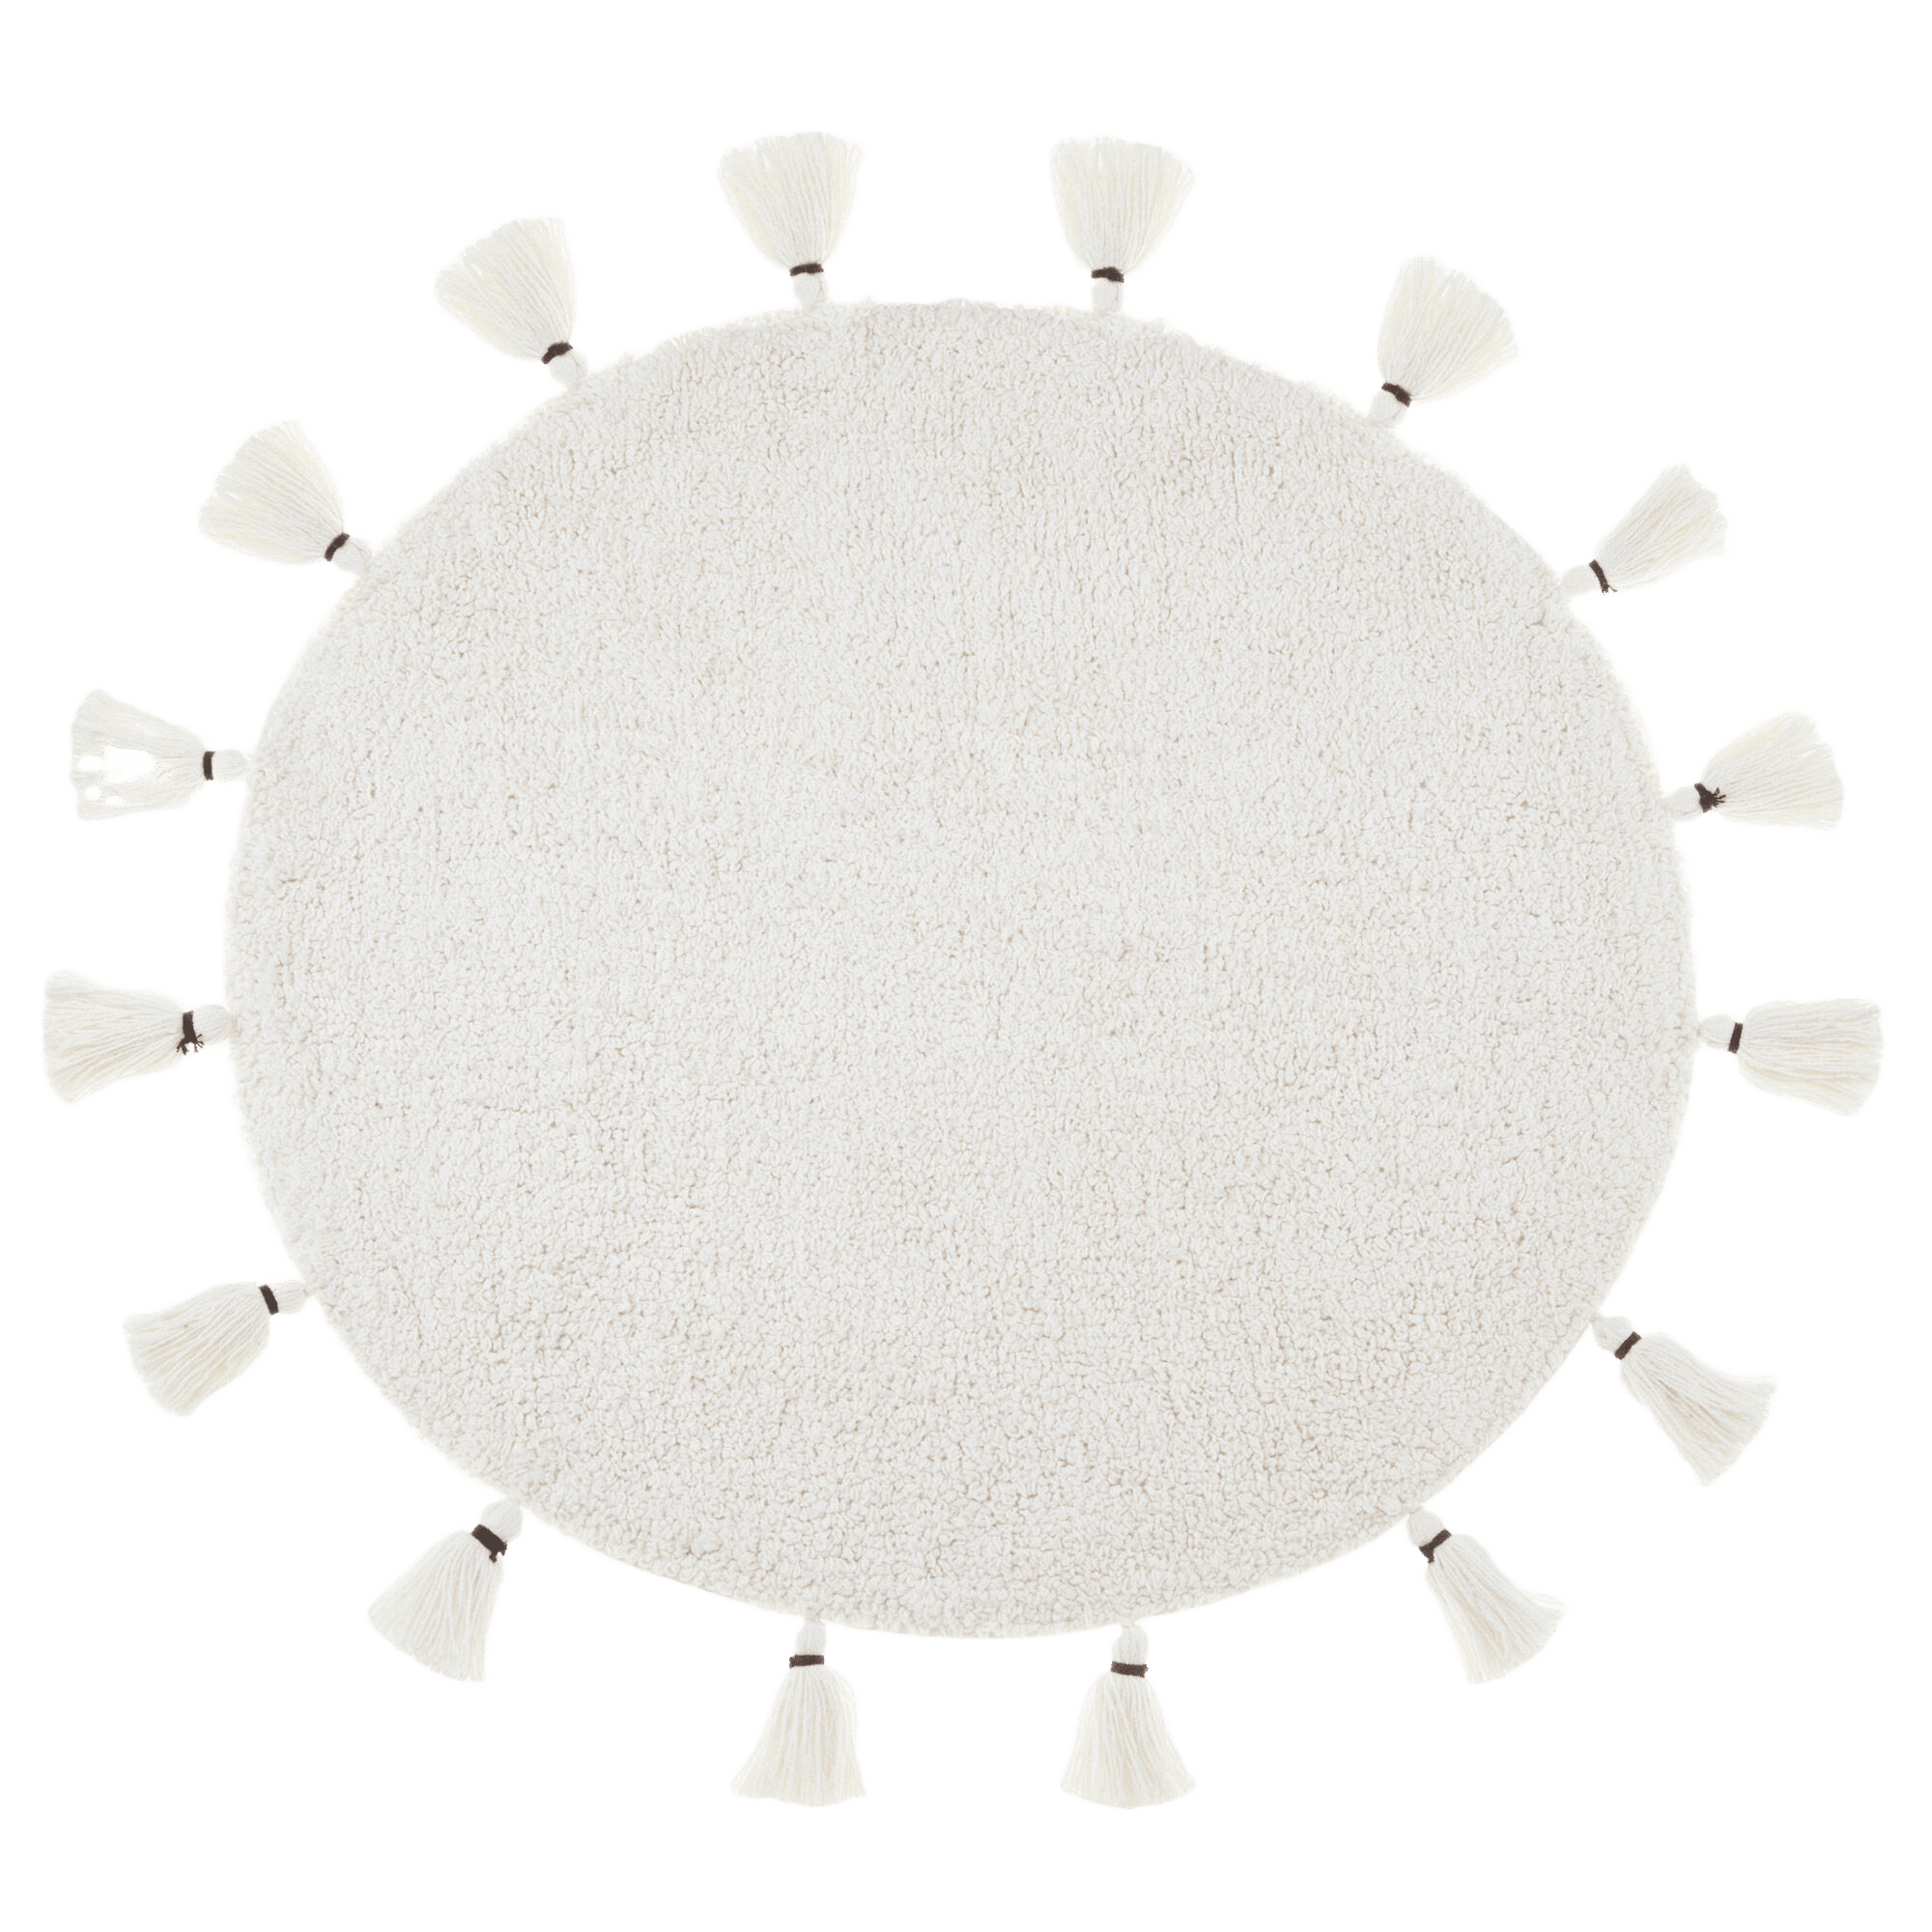 Round White Bathmat with Tassels